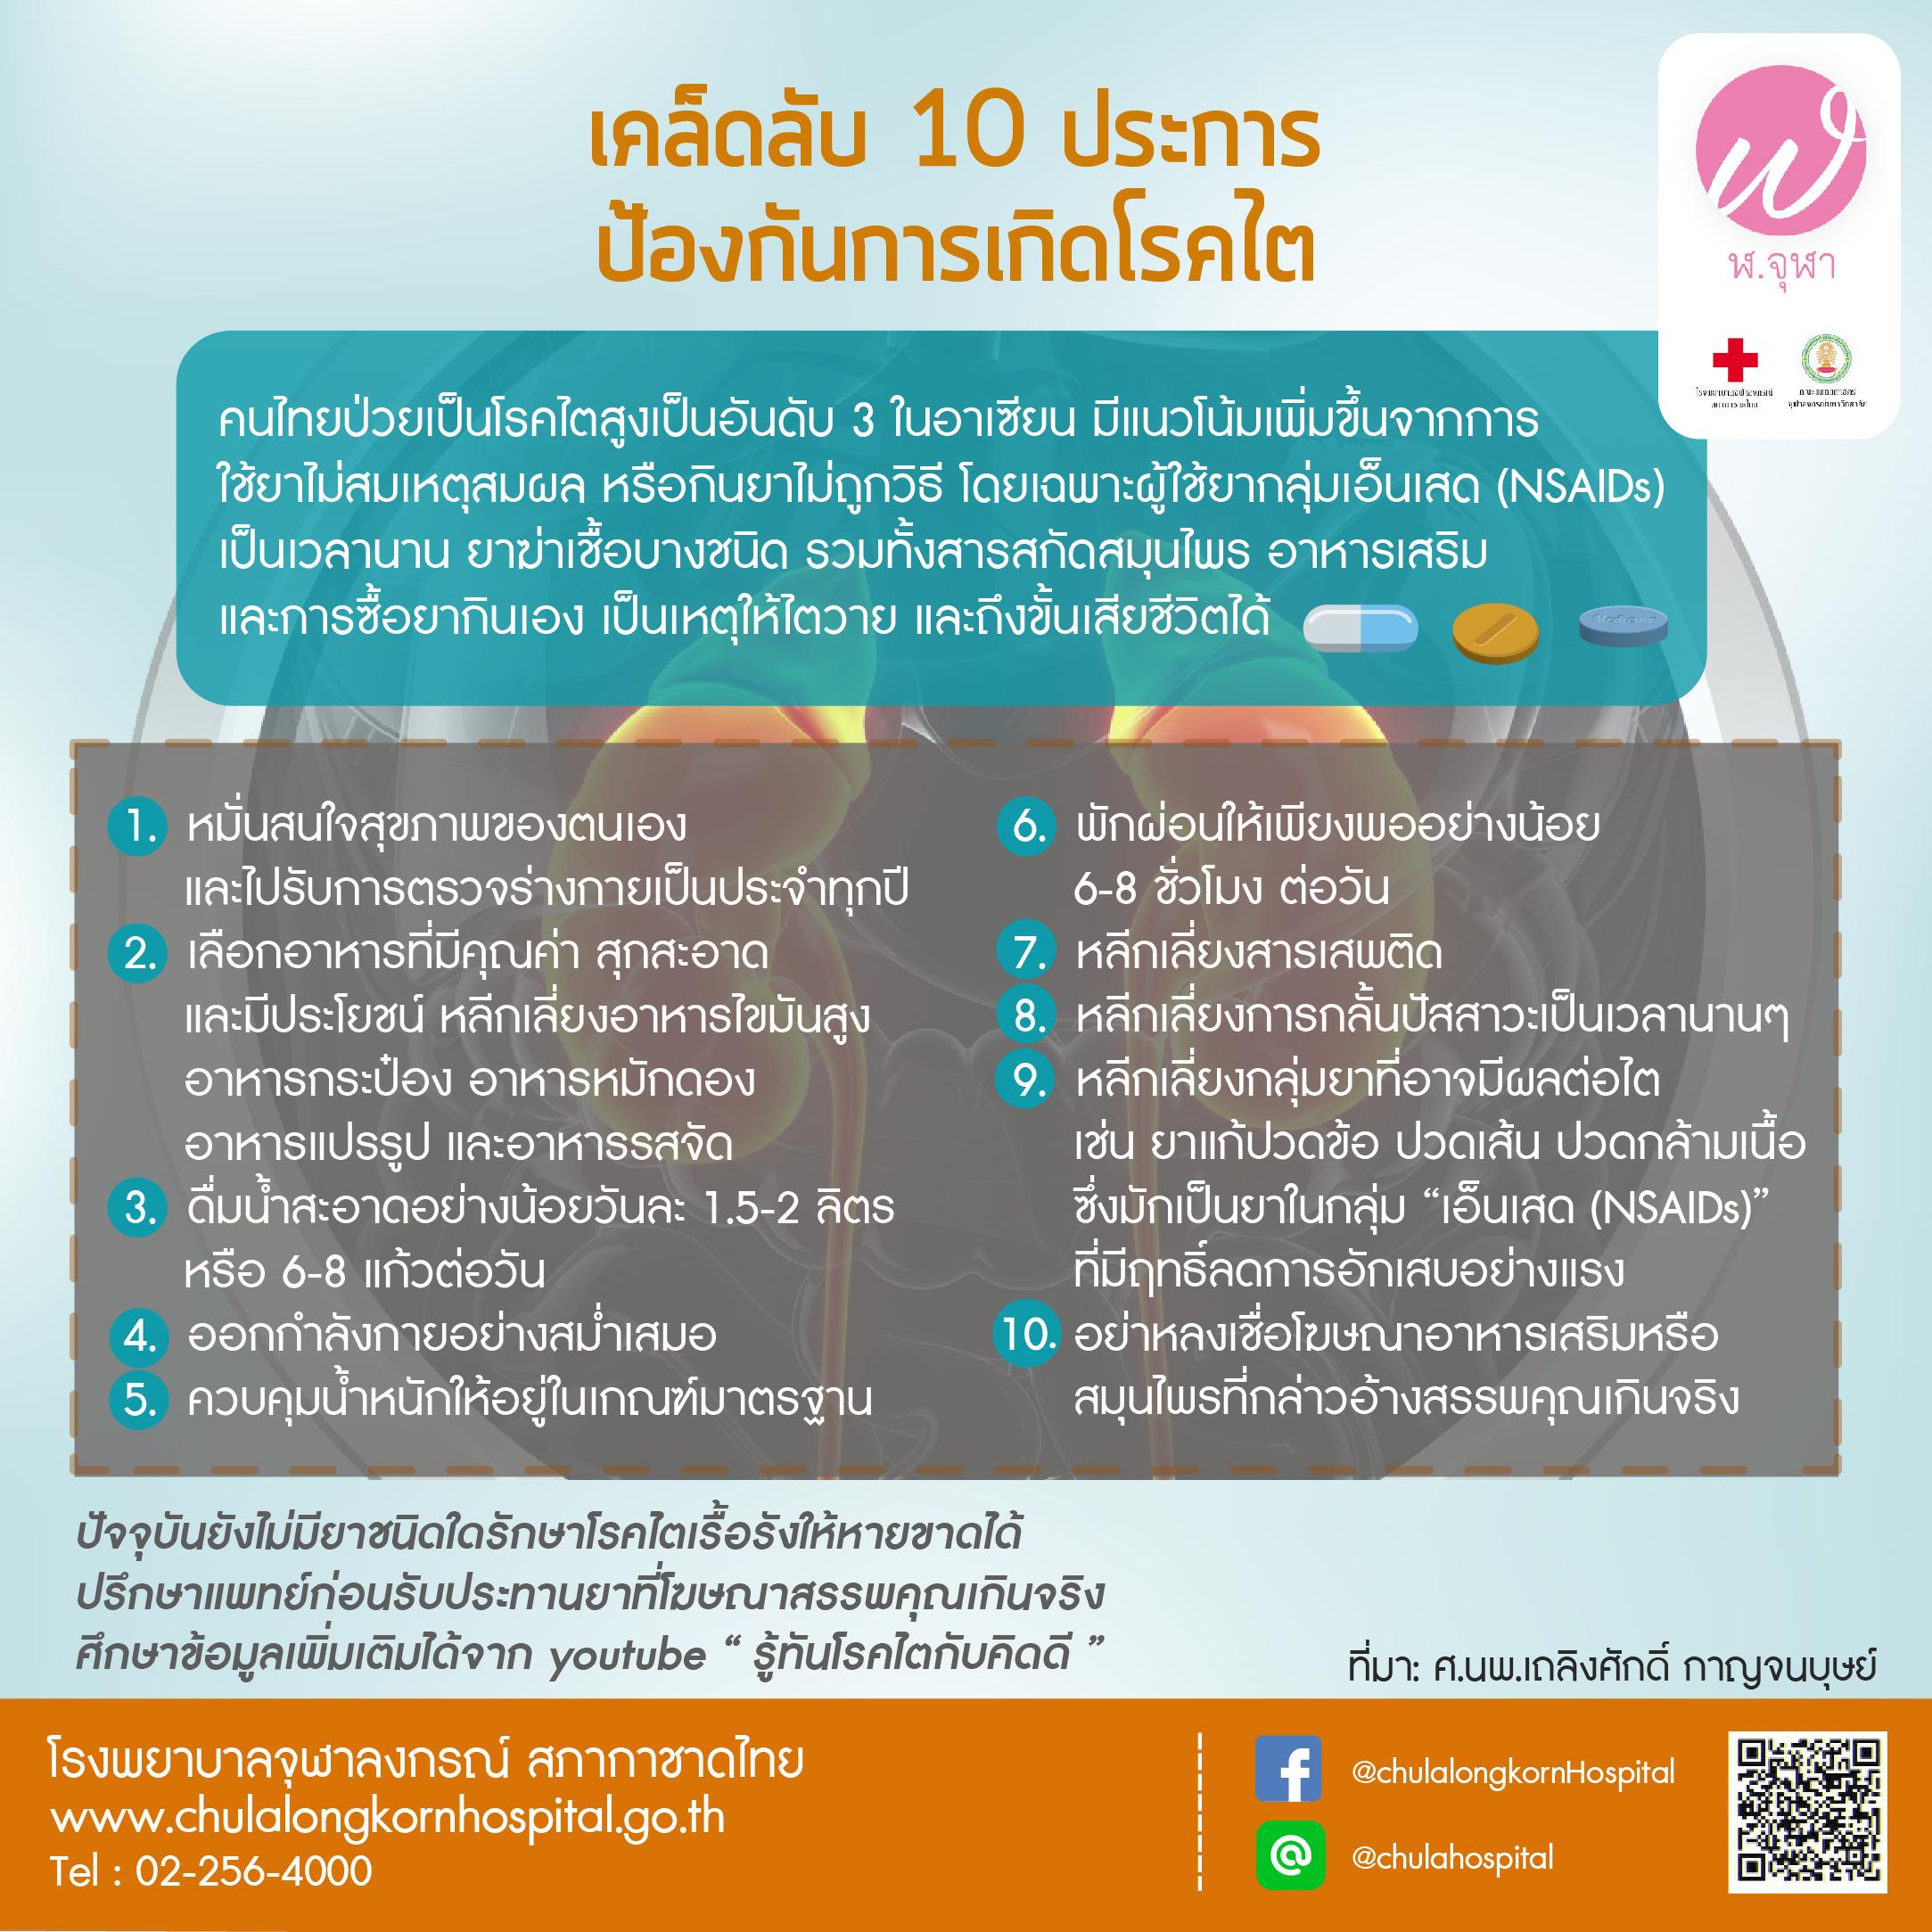 เคล็ดลับ 10 ประการ ป้องกันการเกิดโรคไต